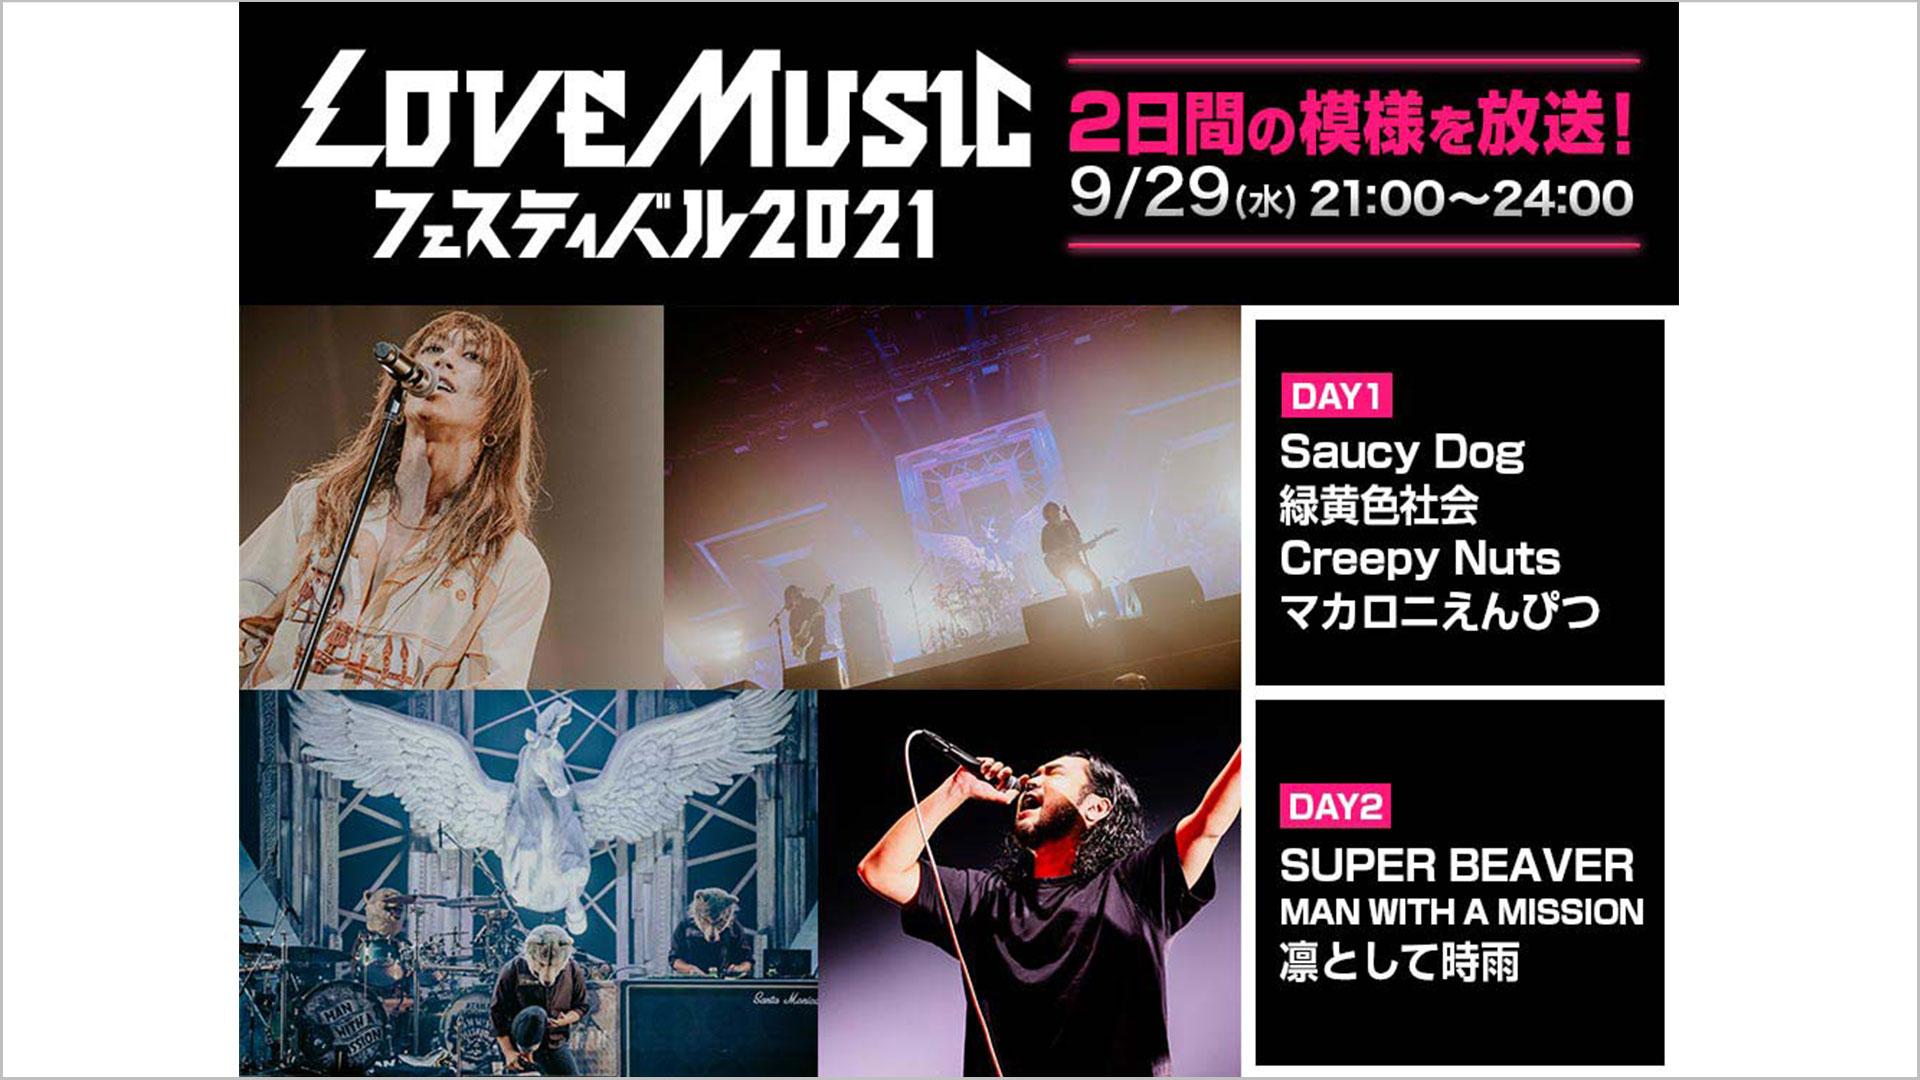 LOVE MUSIC FESTIVAL 2021